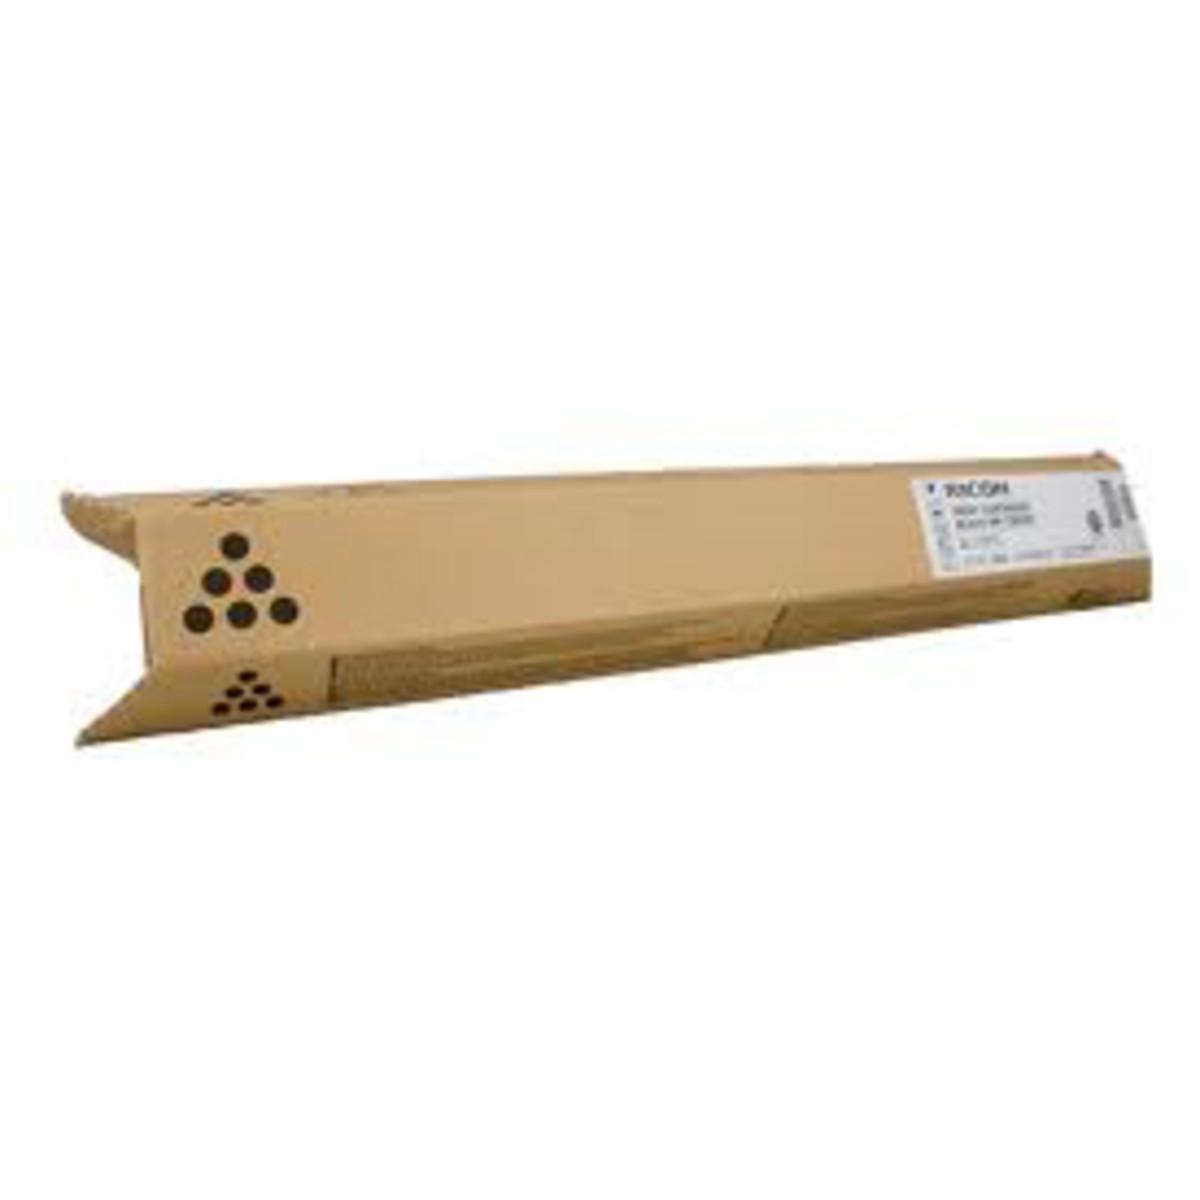 Ricoh 888-643 Cyan Toner Cartridge